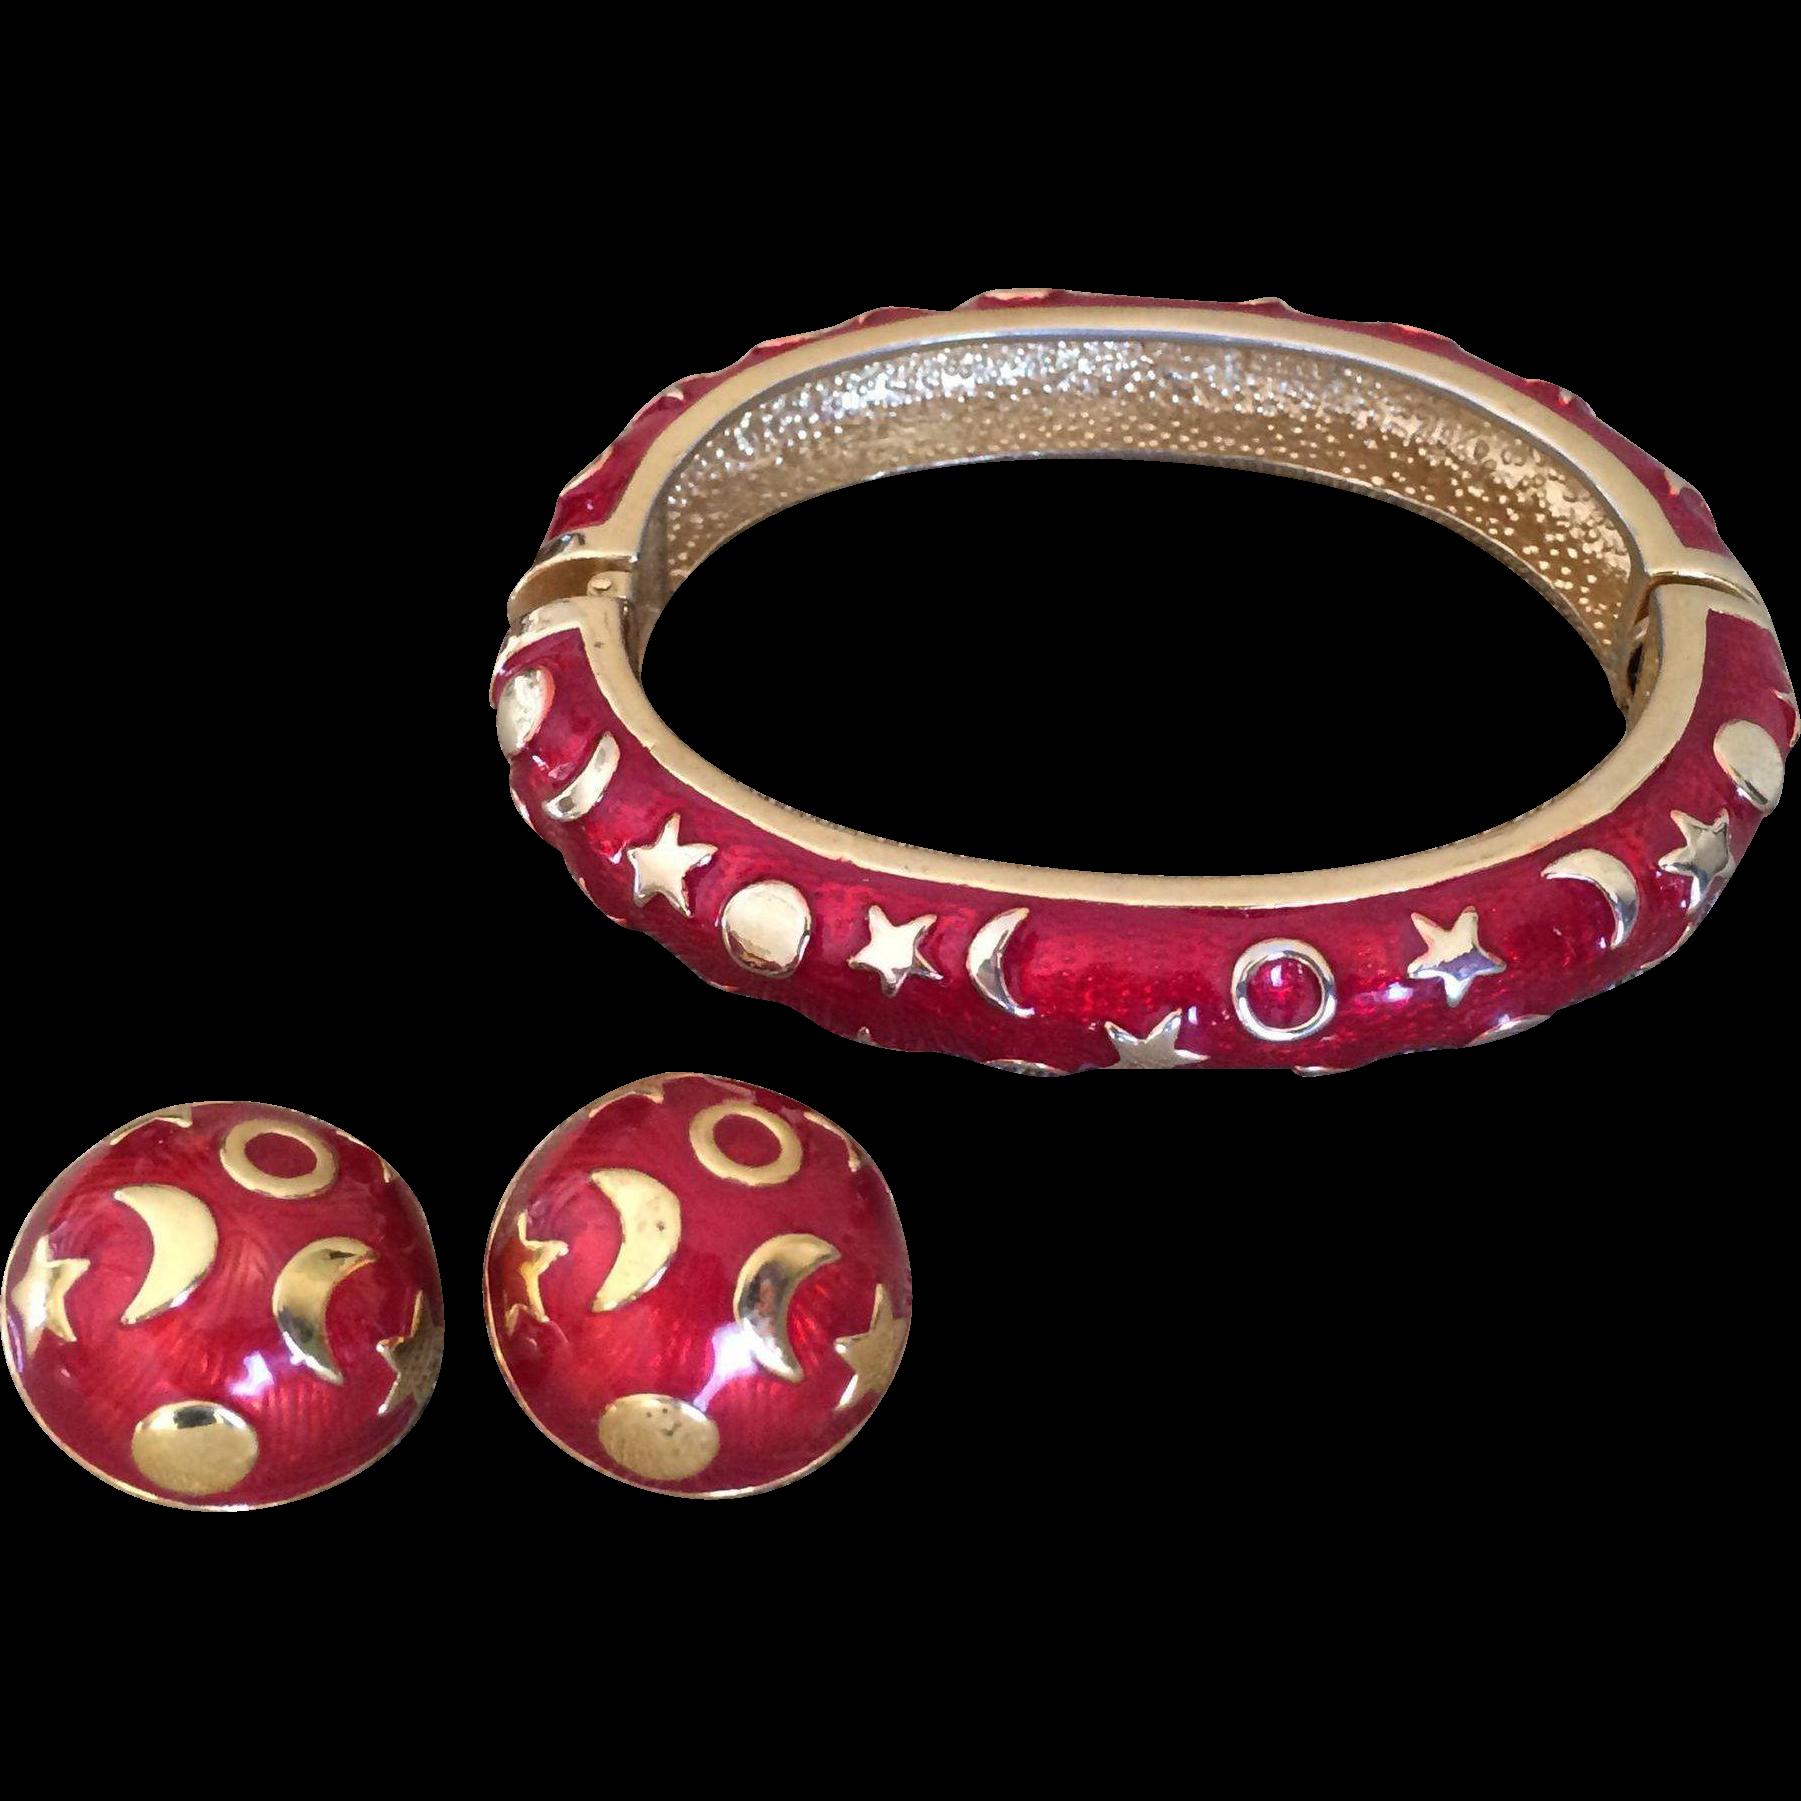 KJL Kenneth J Lane Moon Stars Celestial Bangle Bracelet and Clip Earrings Set Gold Tone Red Enamel